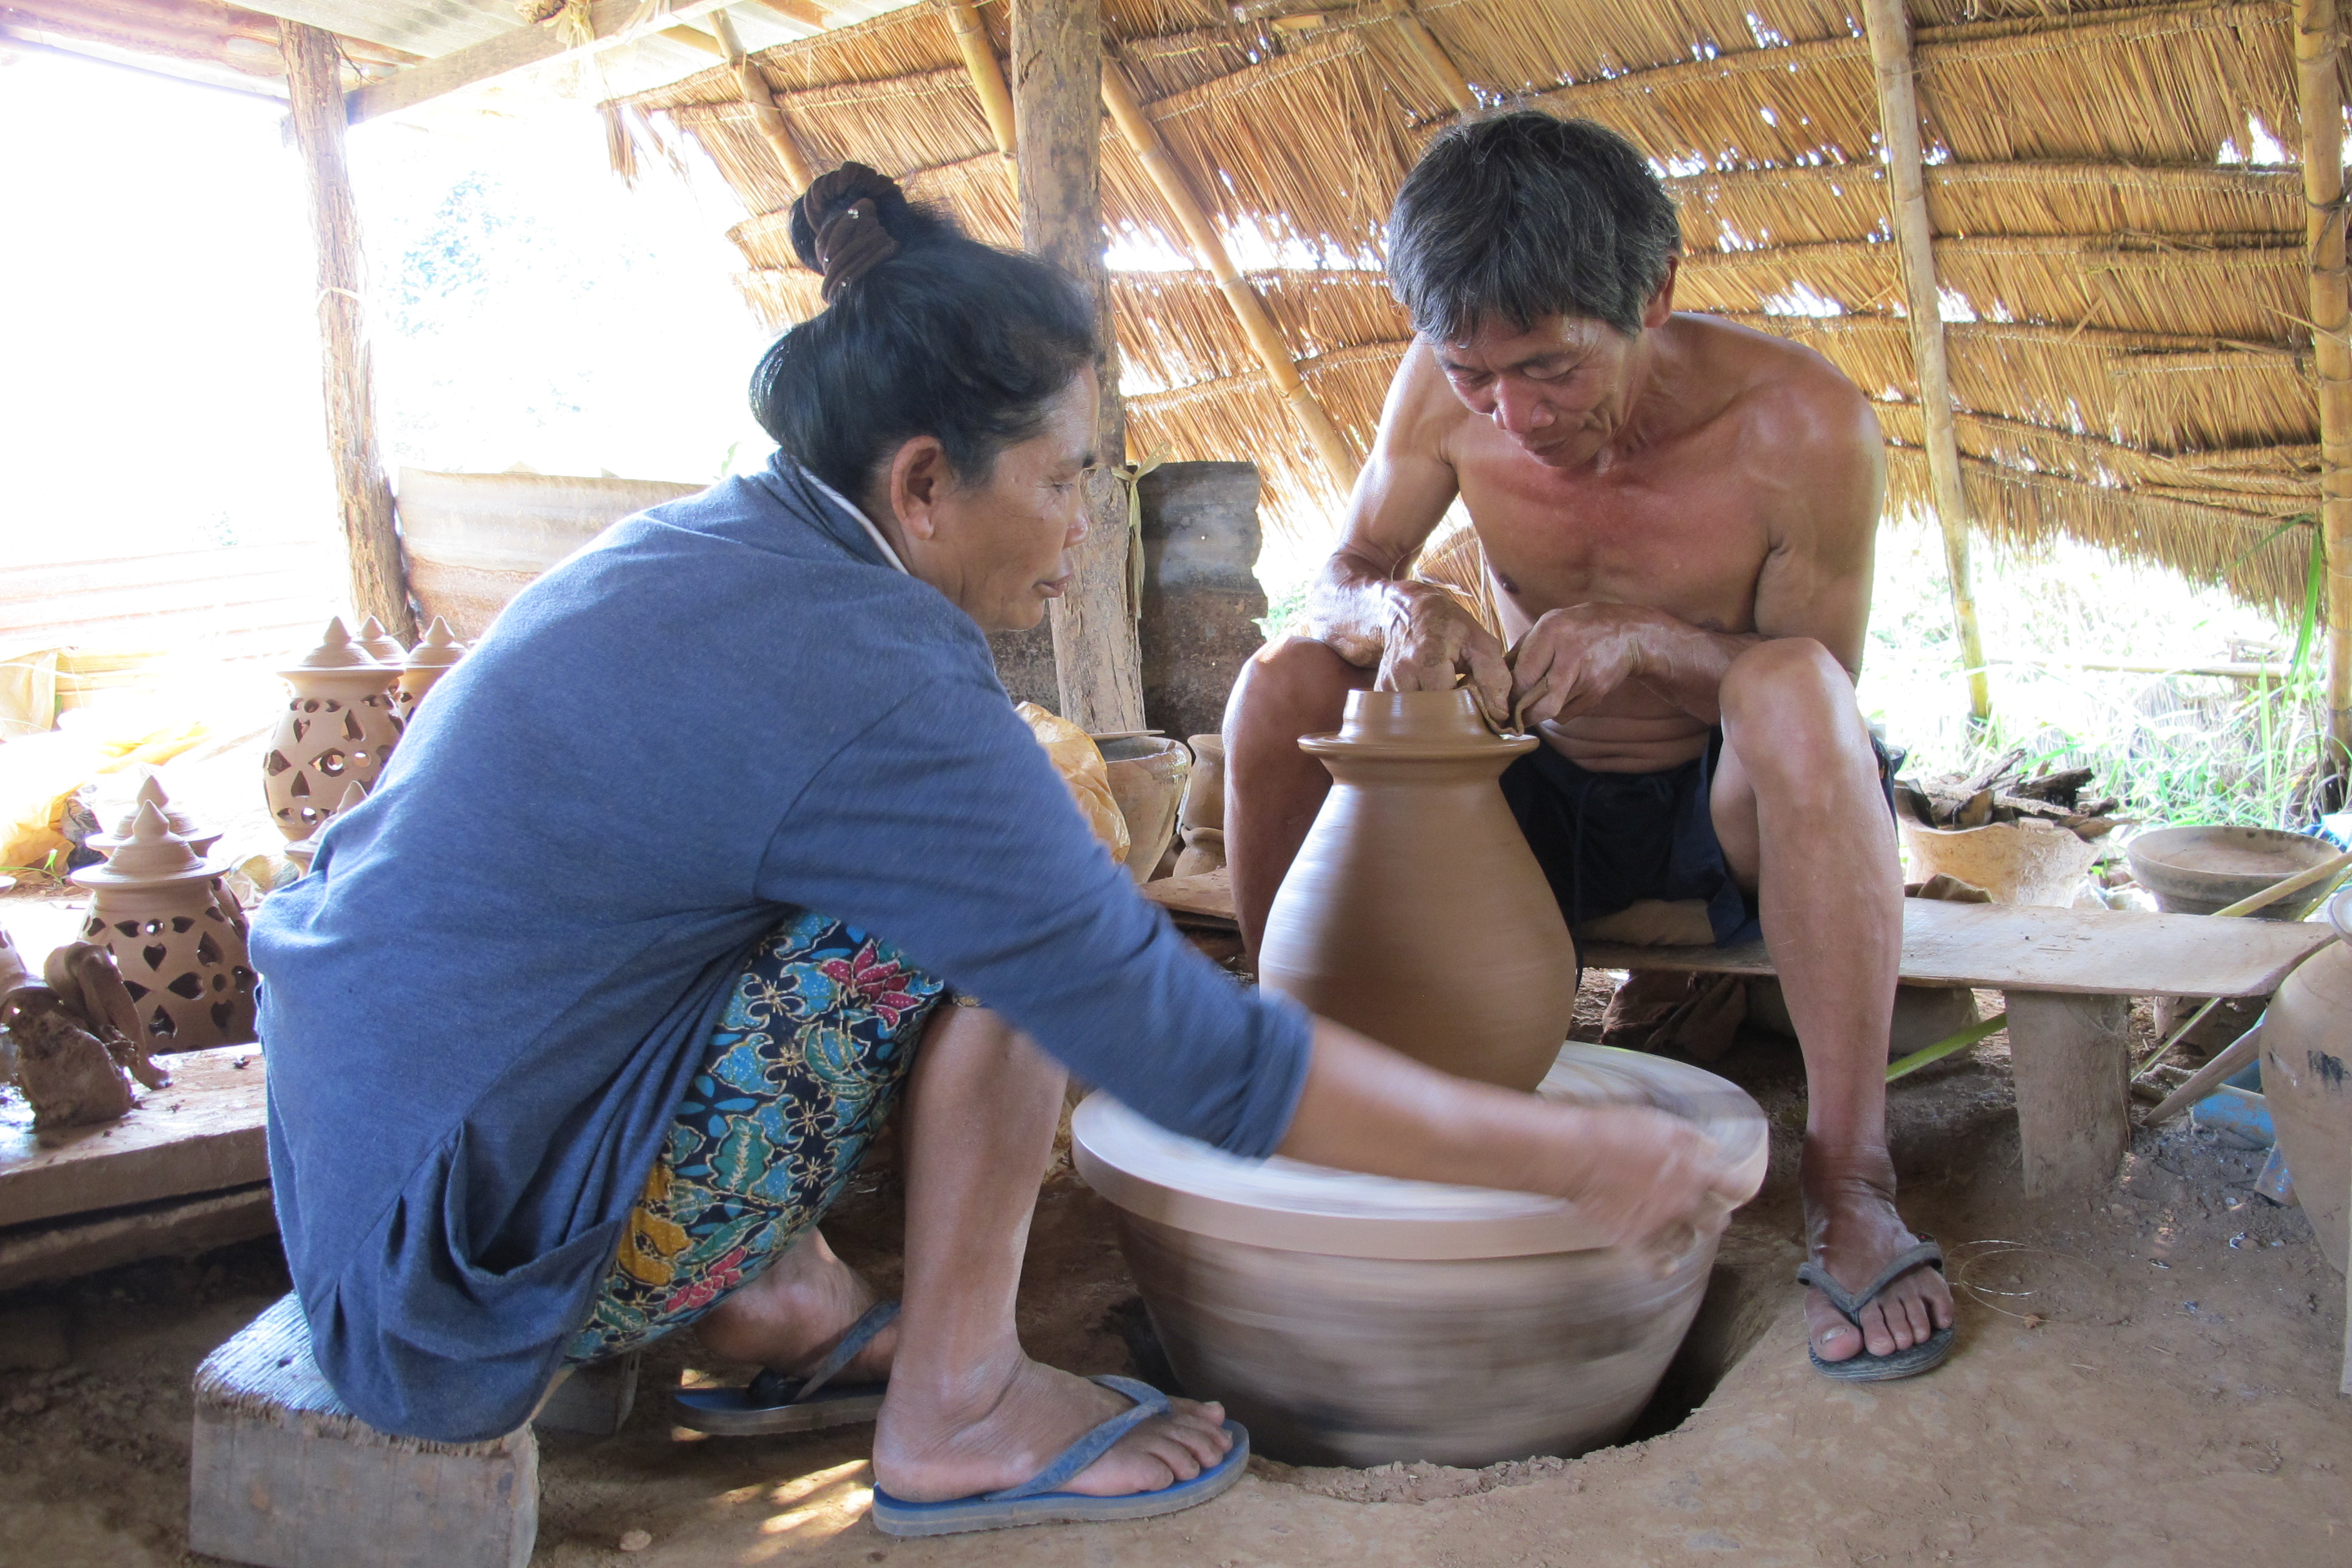 写真11 チャン村での土器作りの様子(撮影:調査団員)